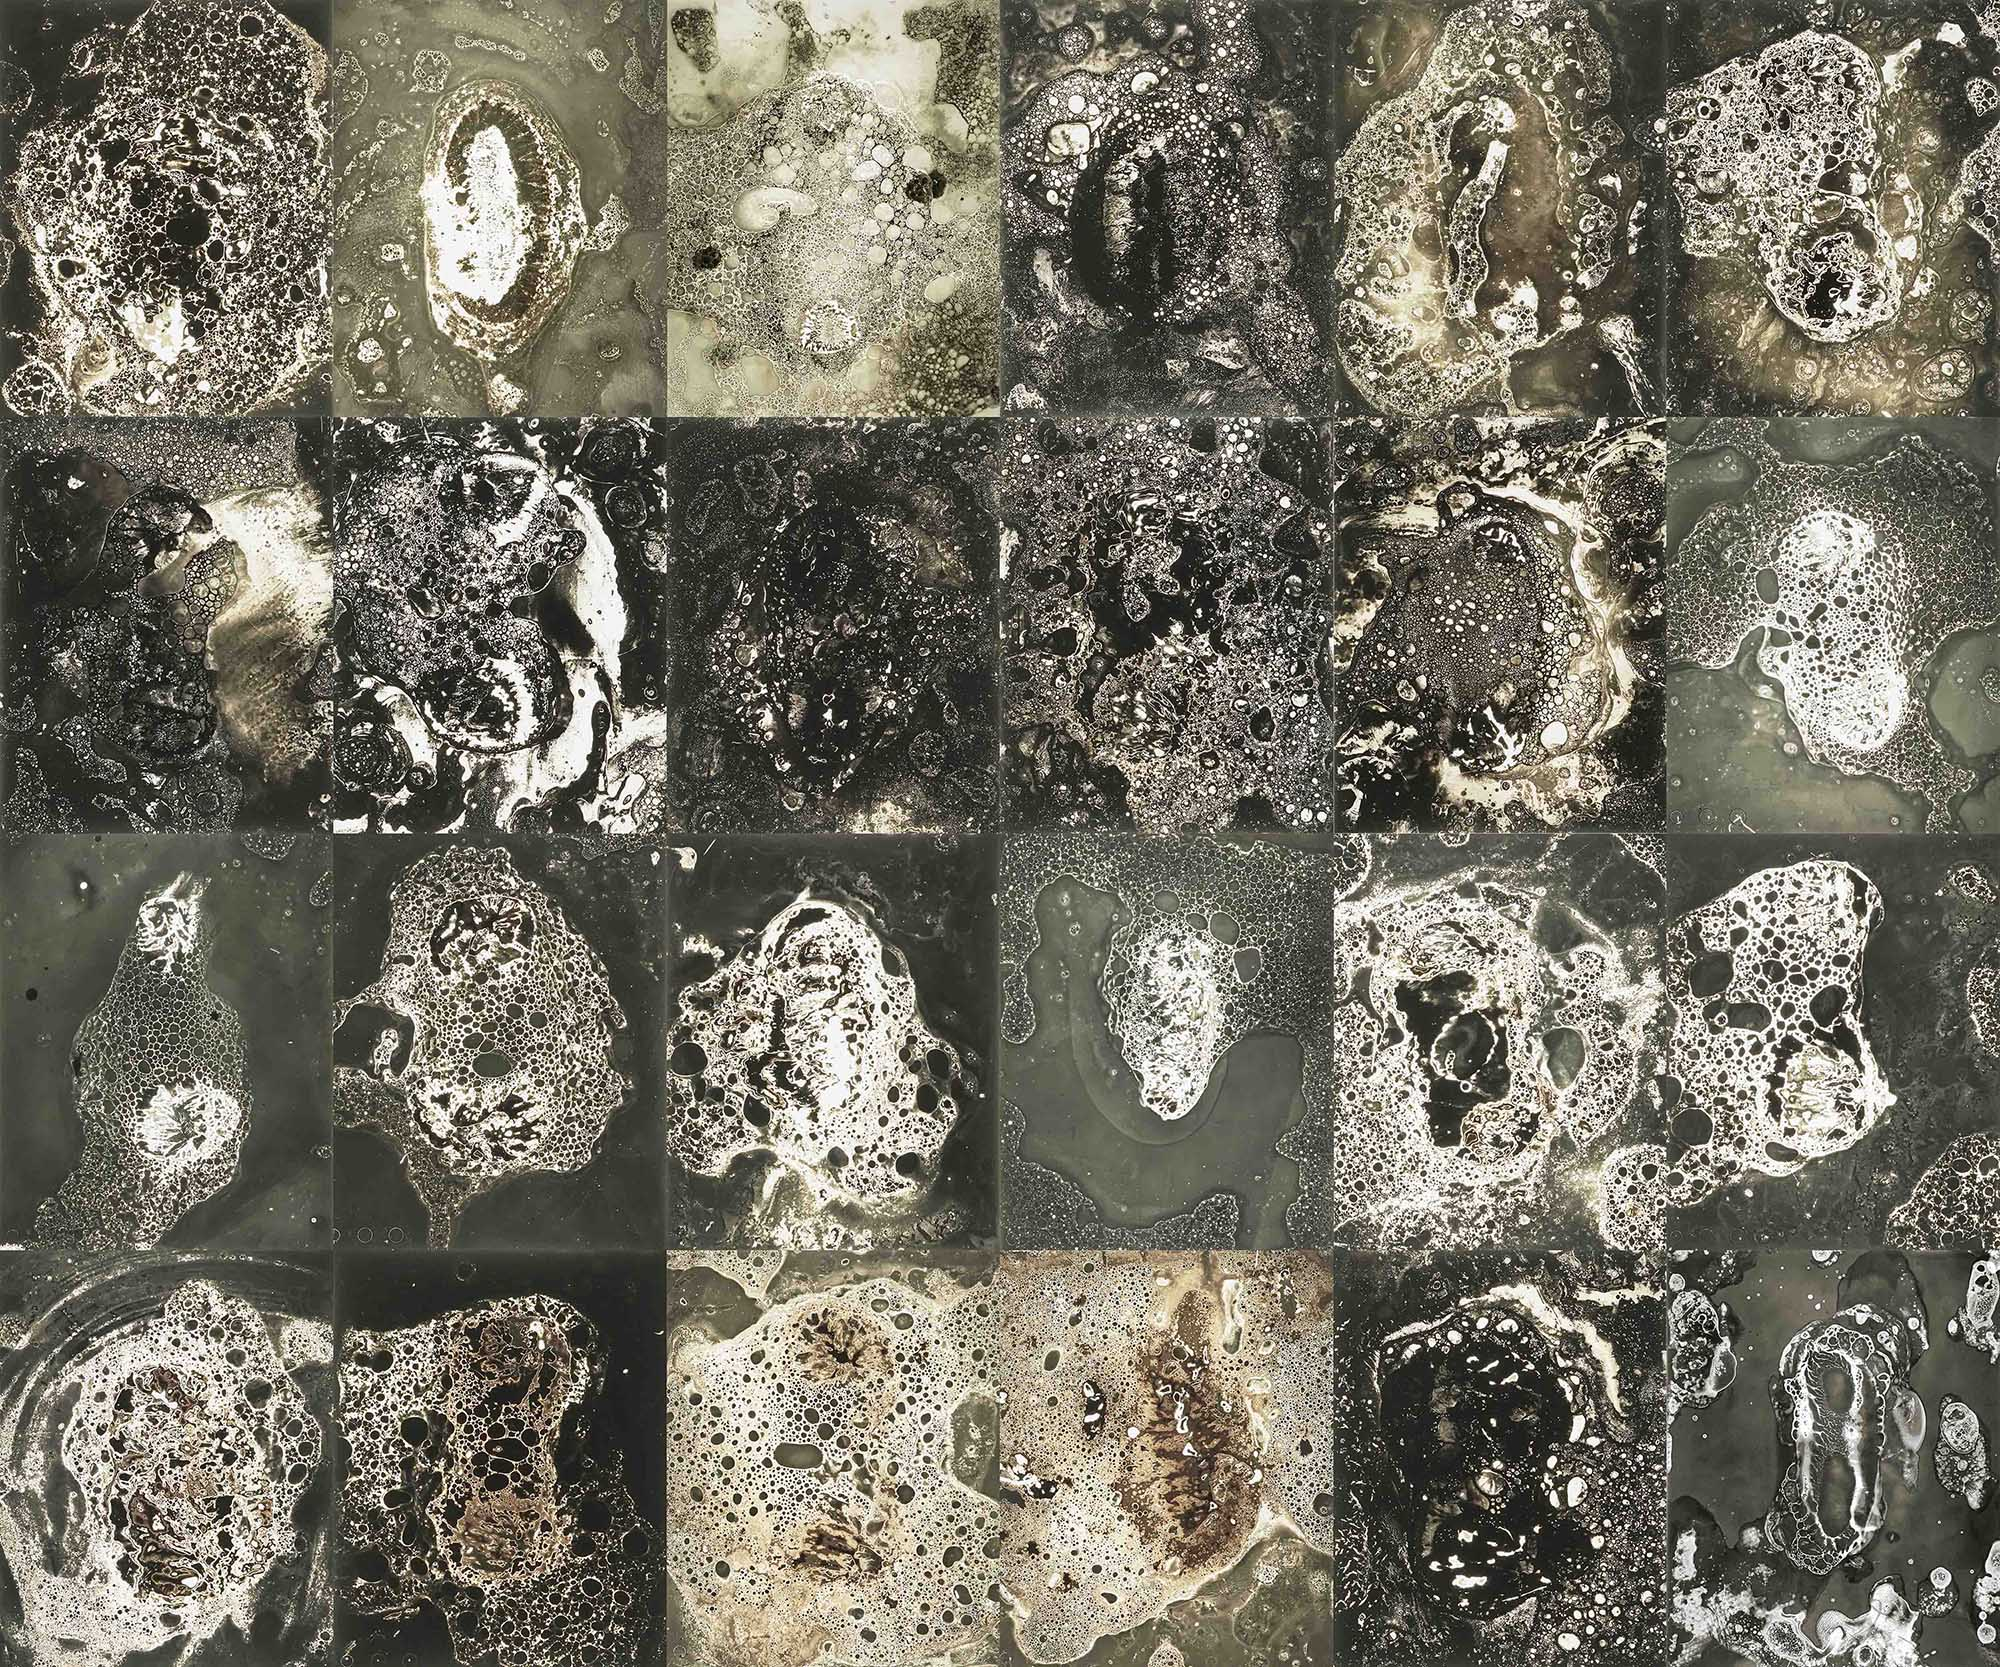 Chimigramme composé de savon sur des pellicules photographiques